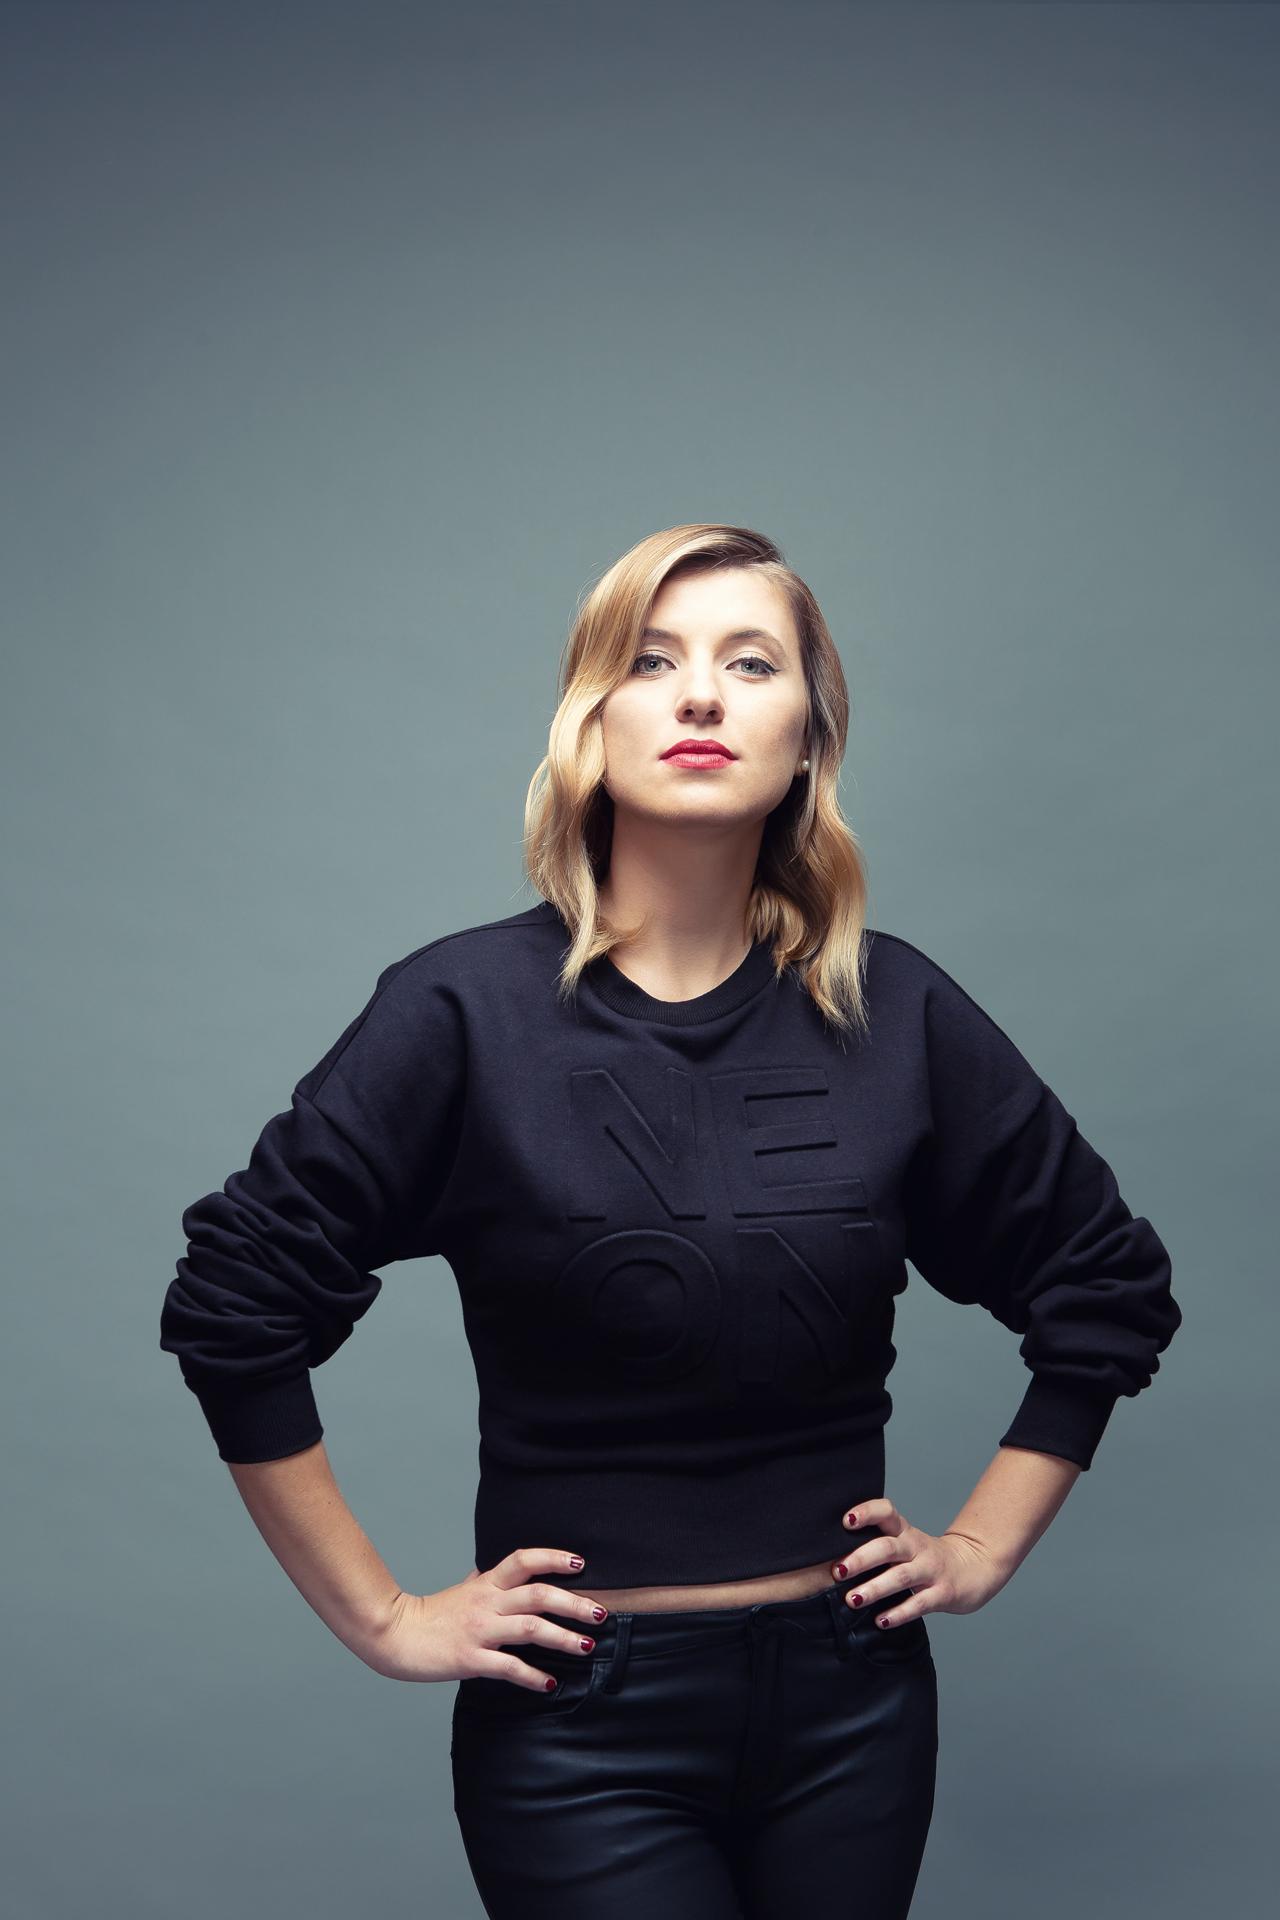 ROZHOVOR: Chtěla bych aby lidé pochopili, že já jsem Mirka Miškechová, a ne že jsem zpěvačka, která zpívala jeden hit.